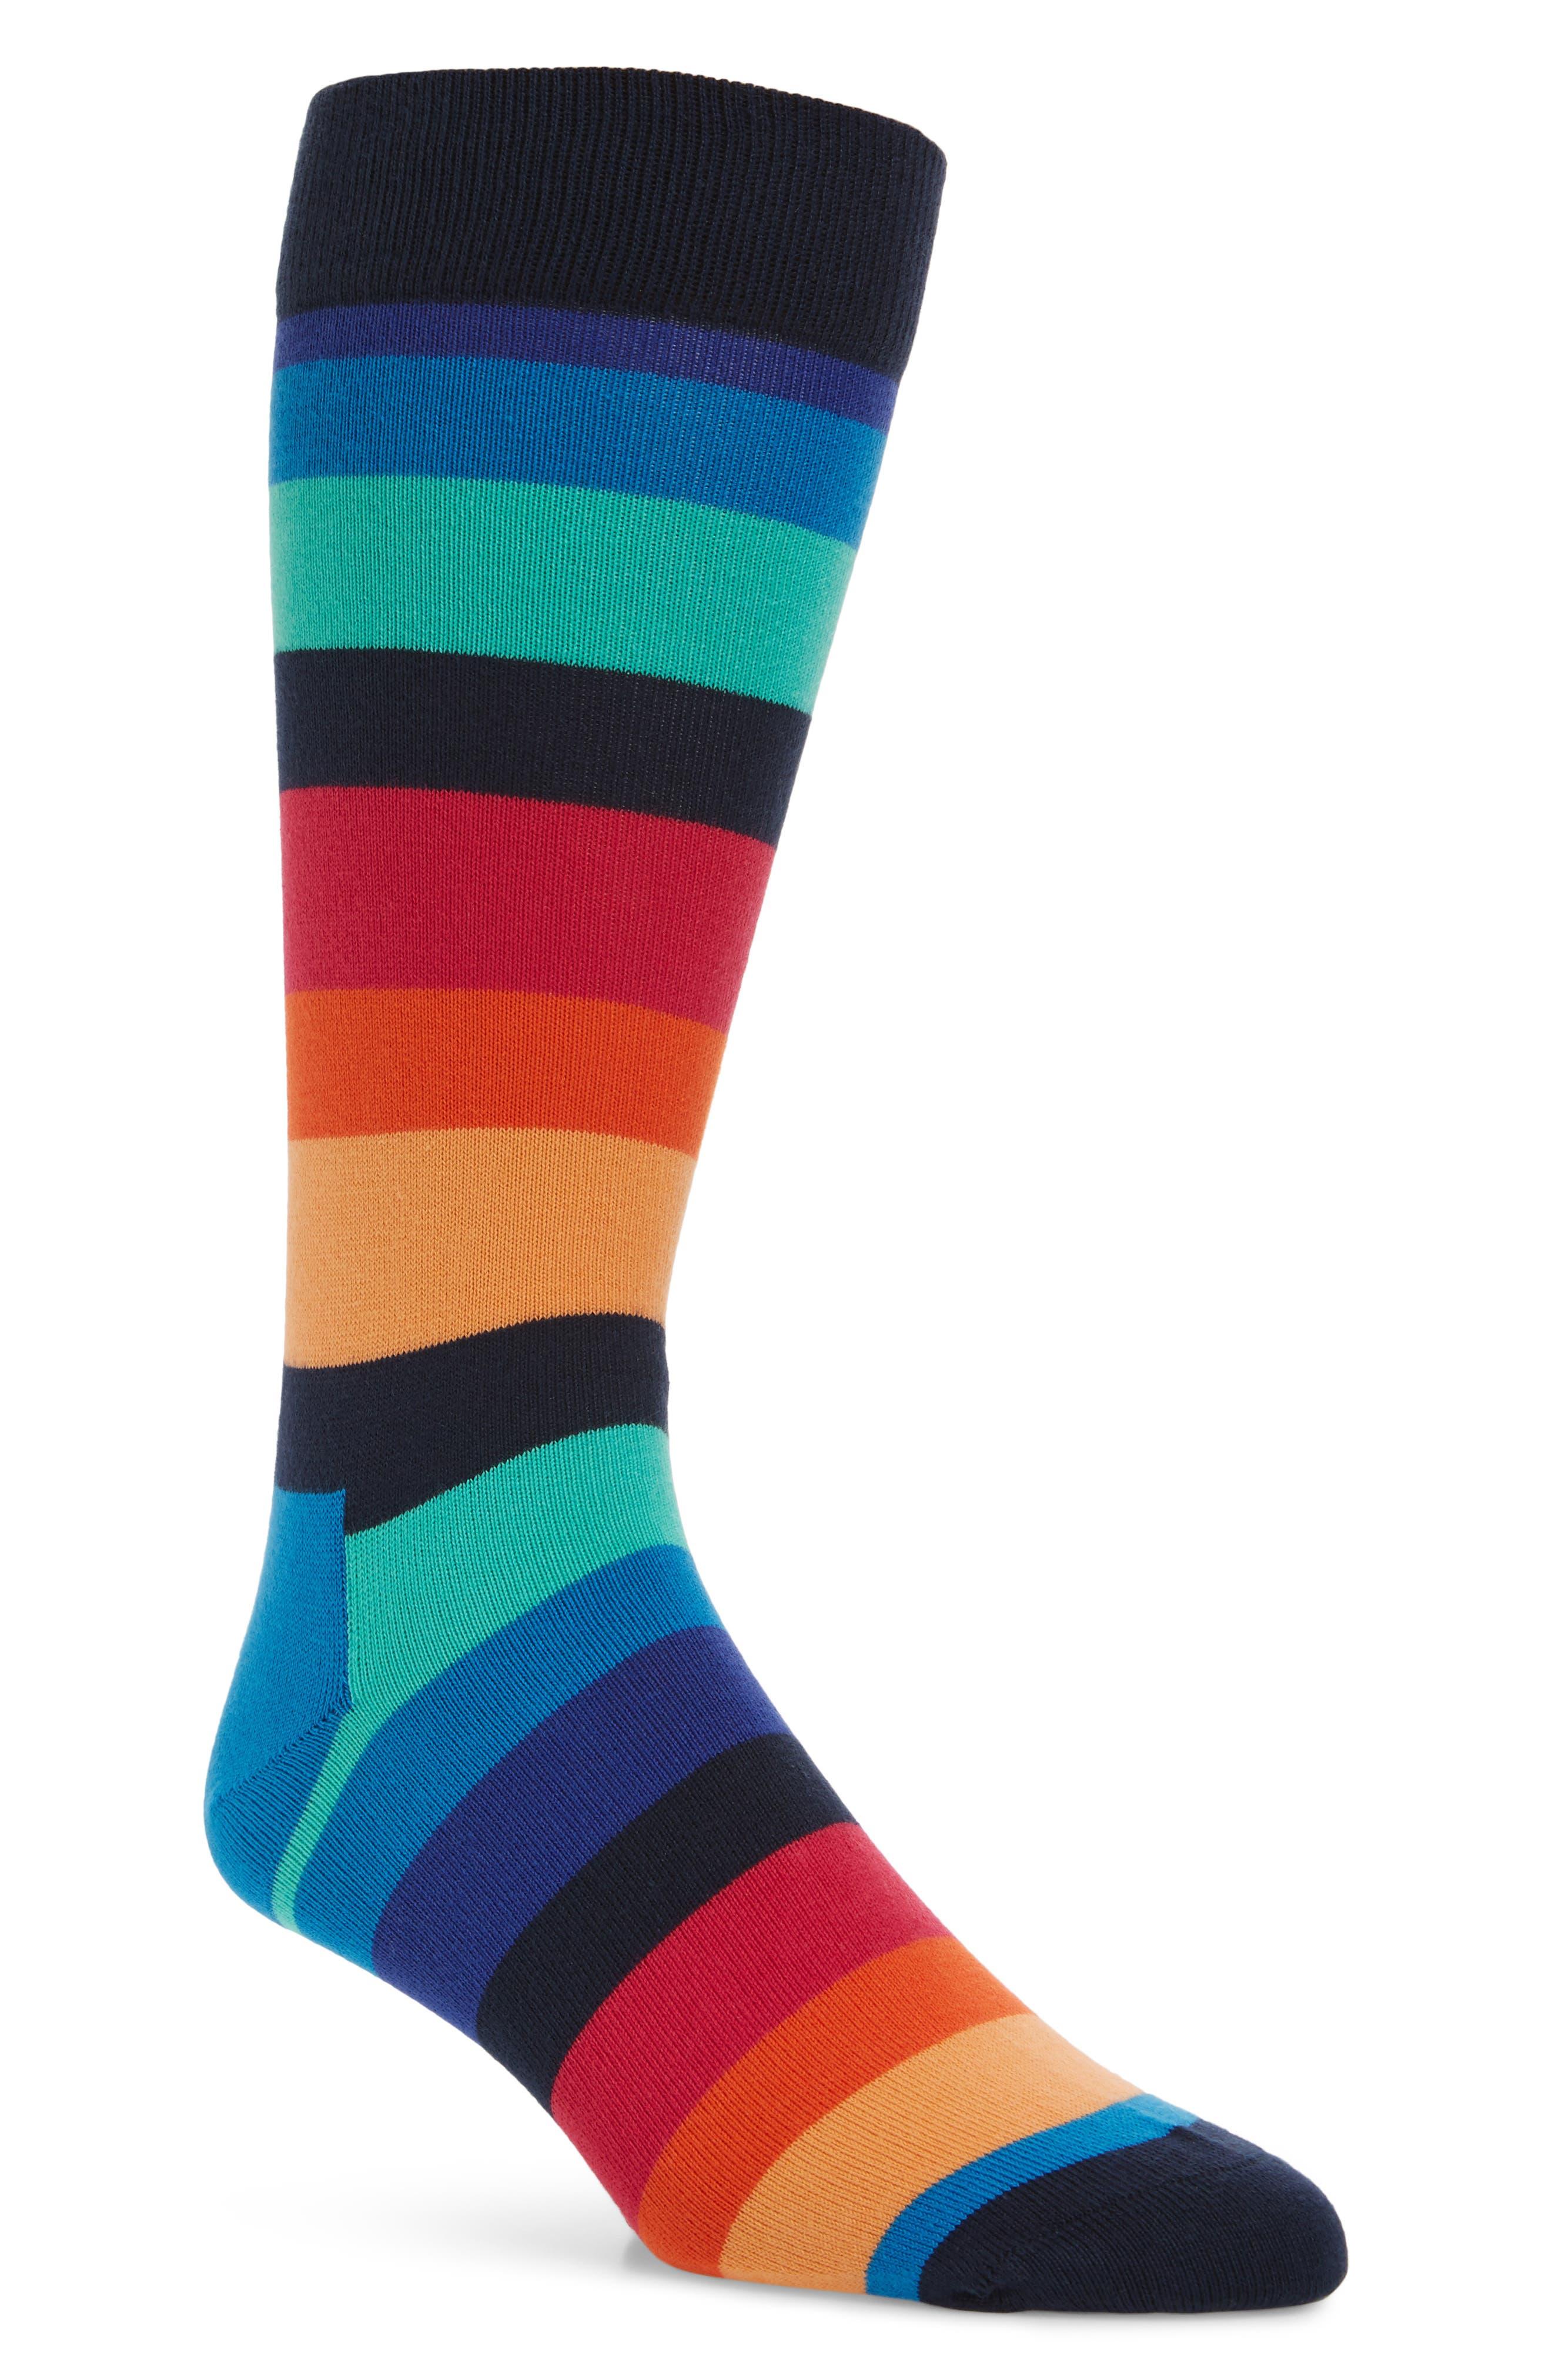 Stripe Socks,                             Main thumbnail 1, color,                             Blue Multi